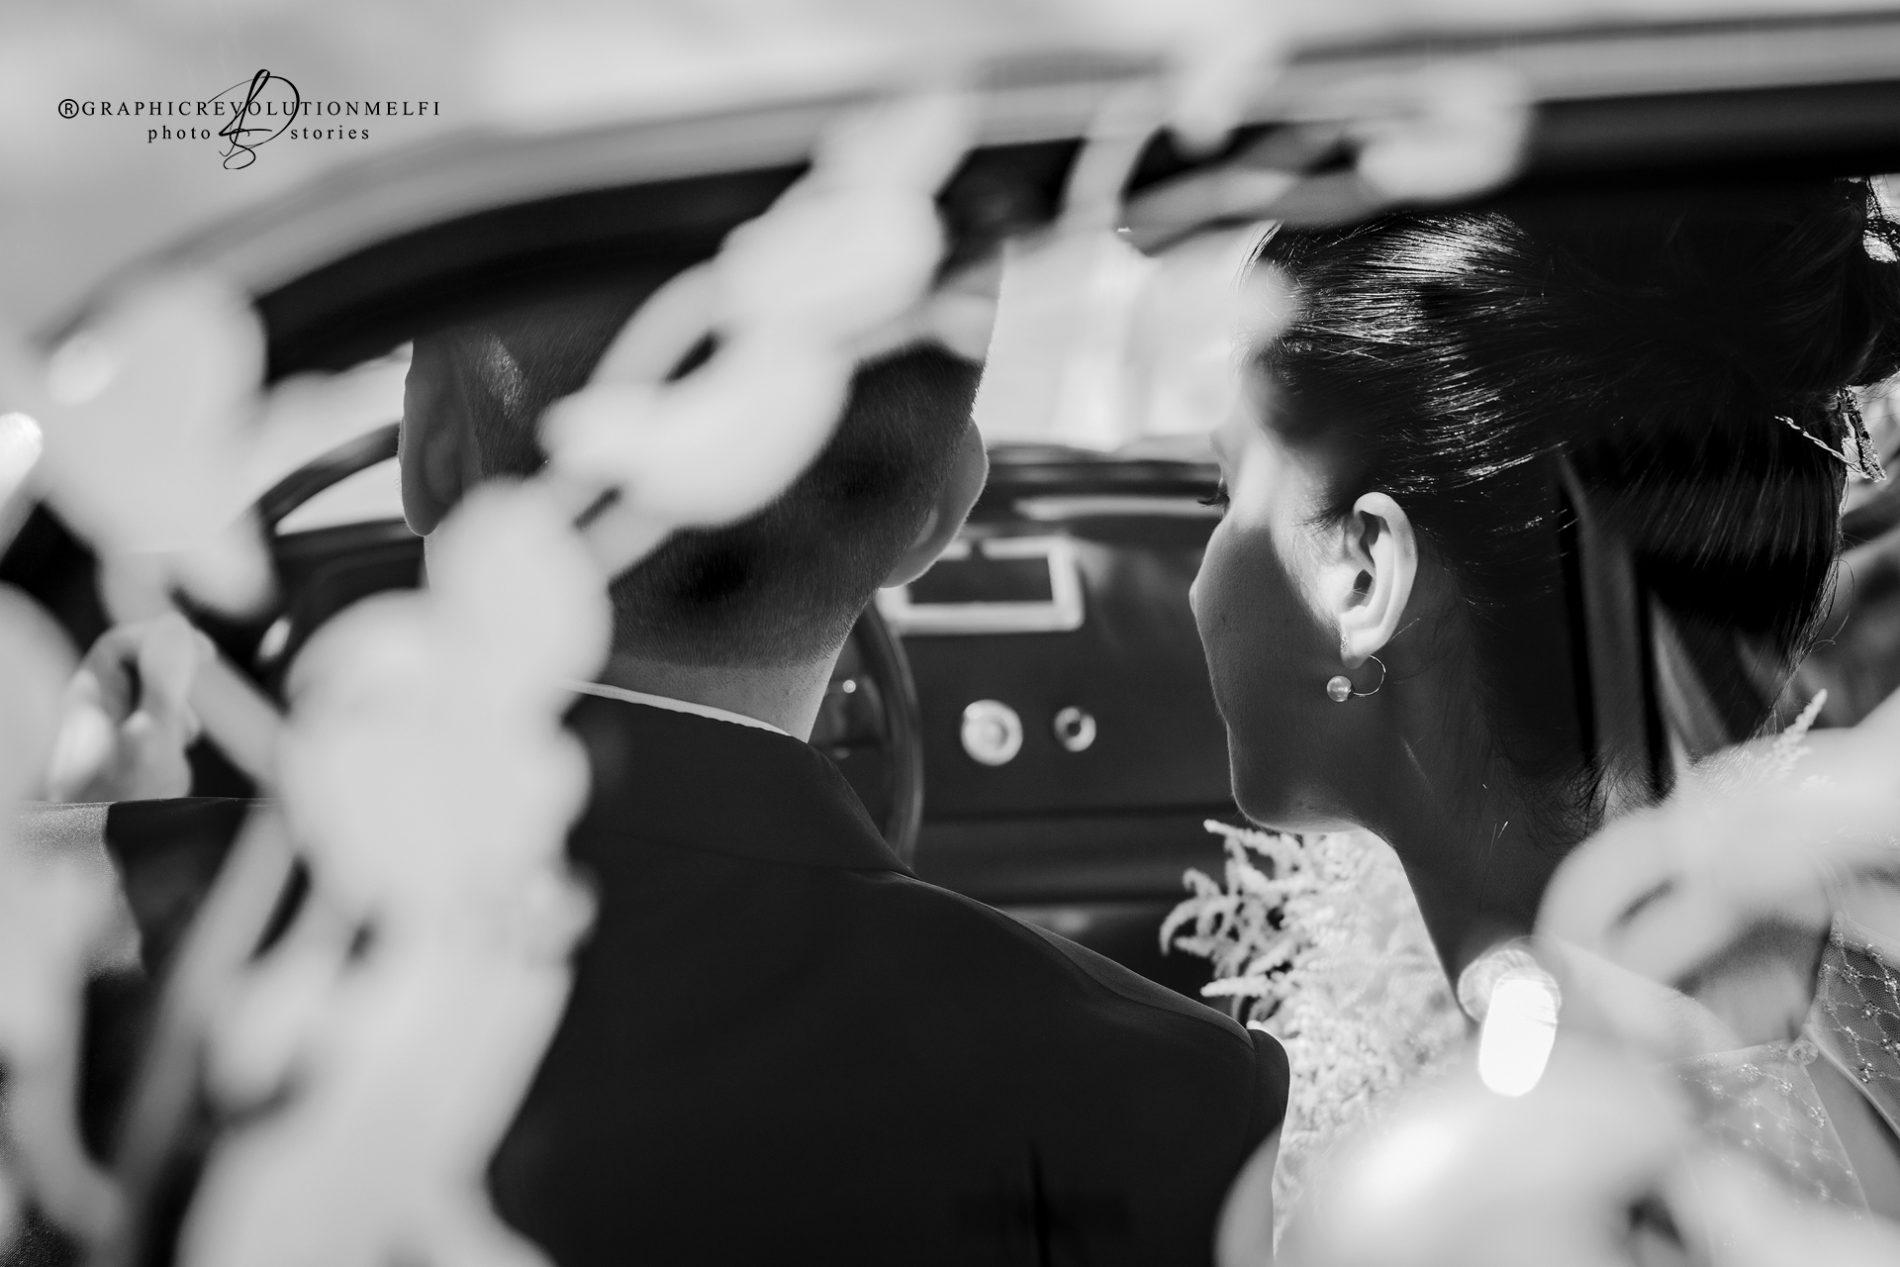 Servizio Fotografico di Matrimonio in Basilicata a Melfi foto gravidanza maternità lavello potenza prematrimoniale matrimonio potenza elopement wedding graphicrevolutionmelfi photography marriage destinationwedding italywedding italy wedding italia matrimoni graphic revolution melfi